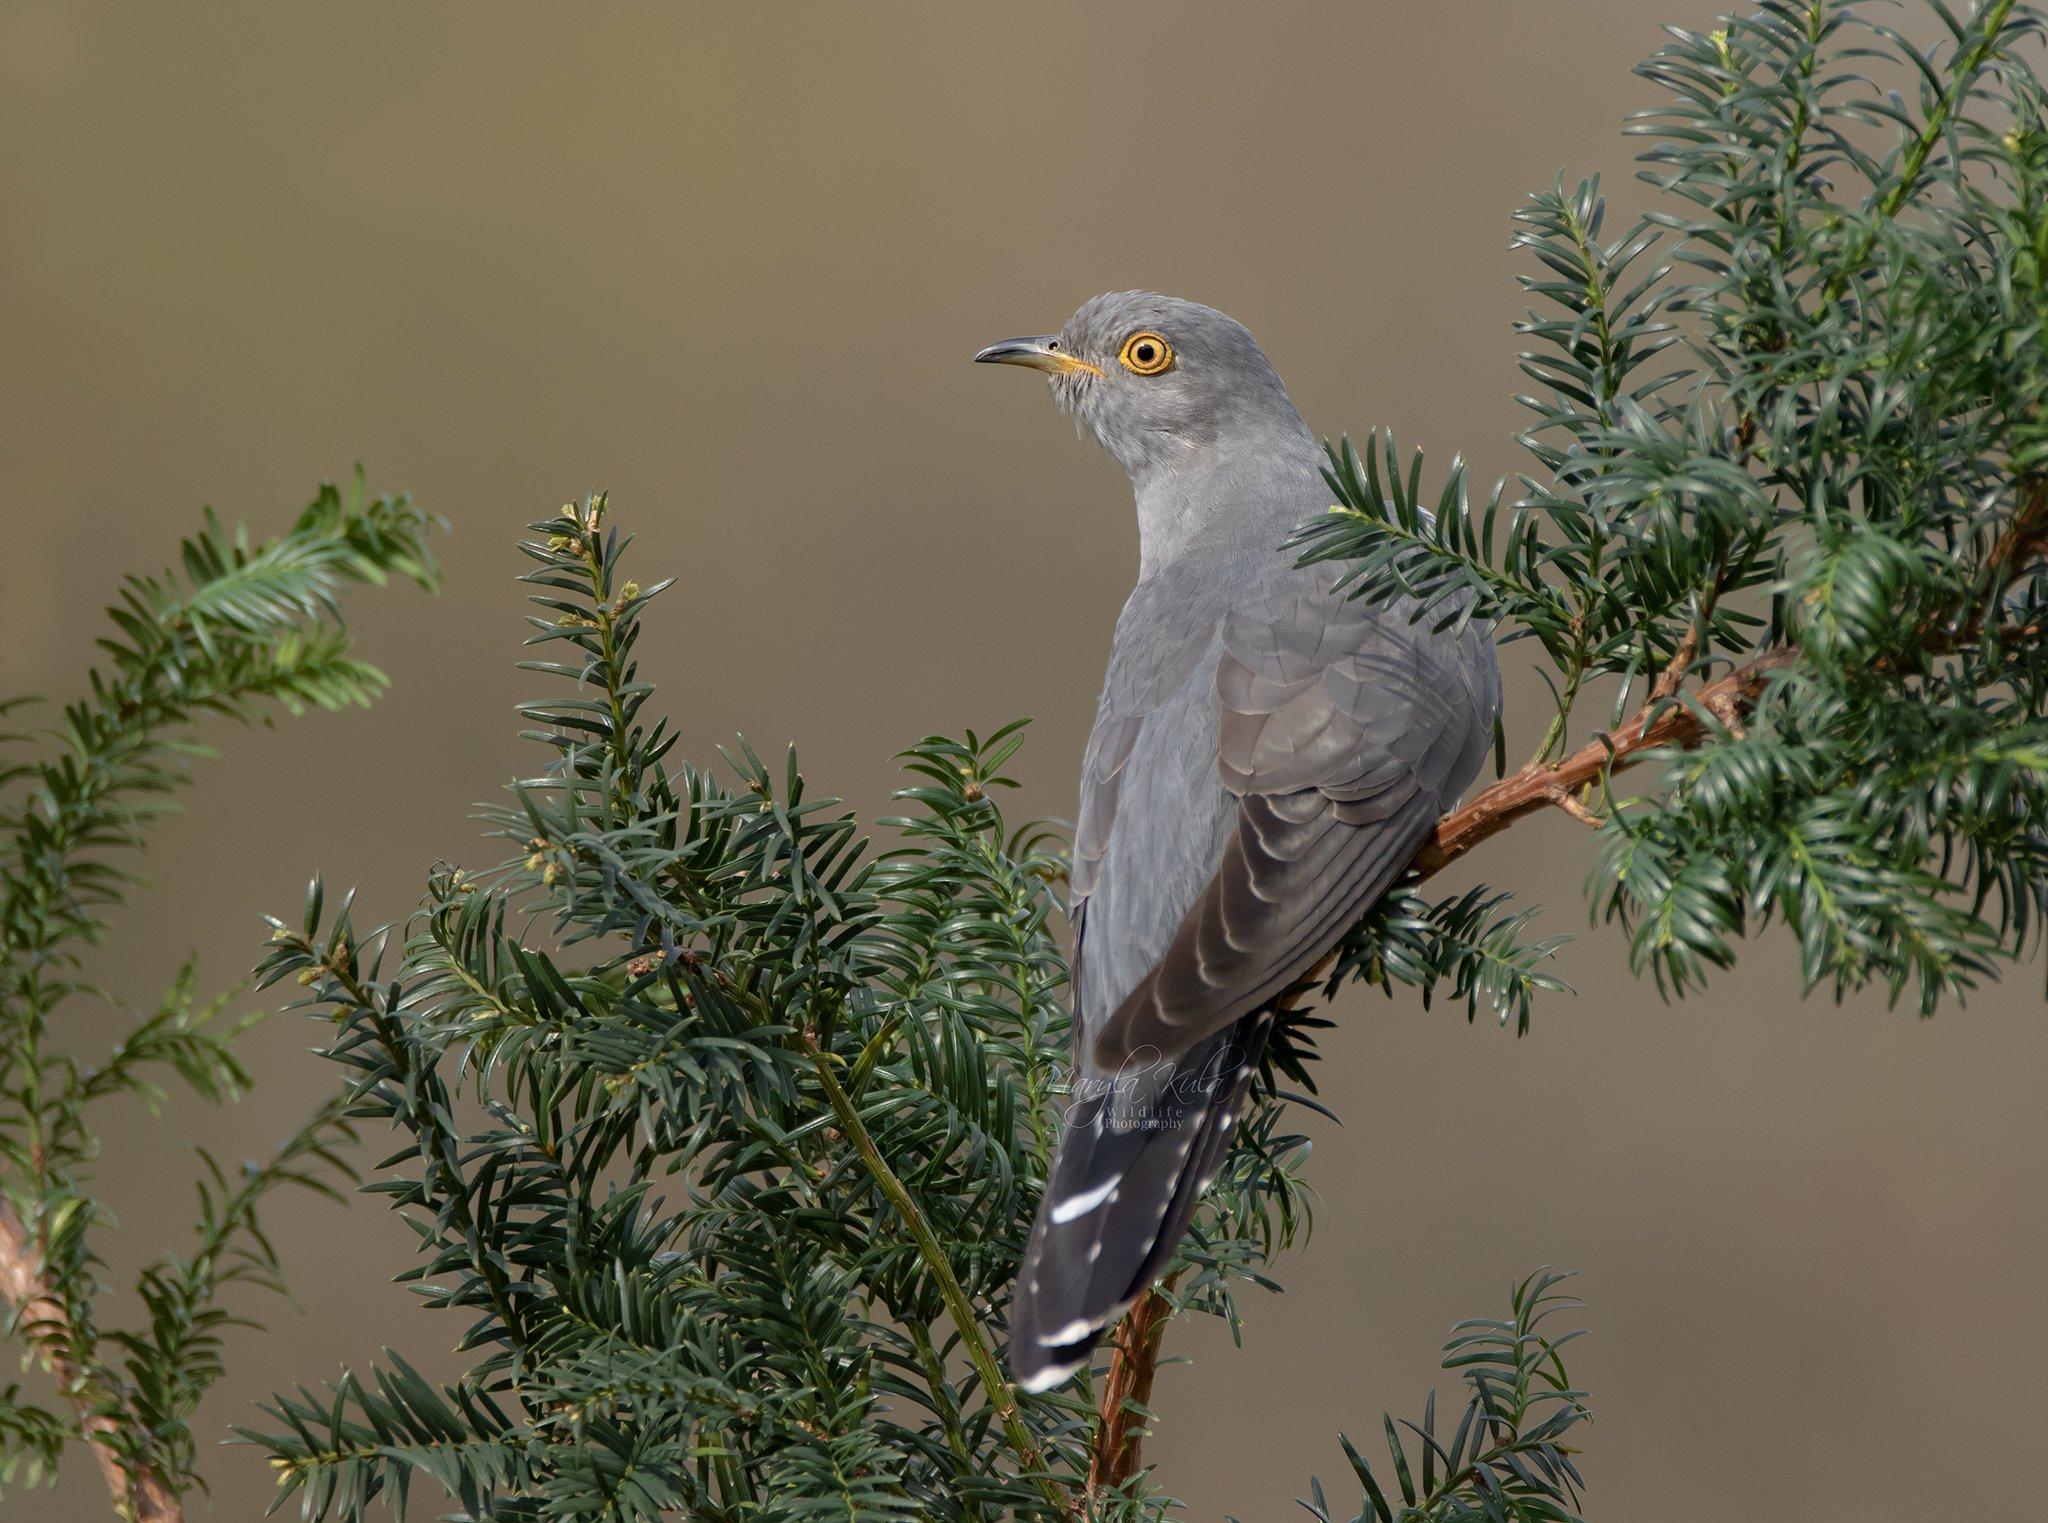 cuckoo, birds, animals, nature, wildlife, canon, canon 100-400, MARIA KULA